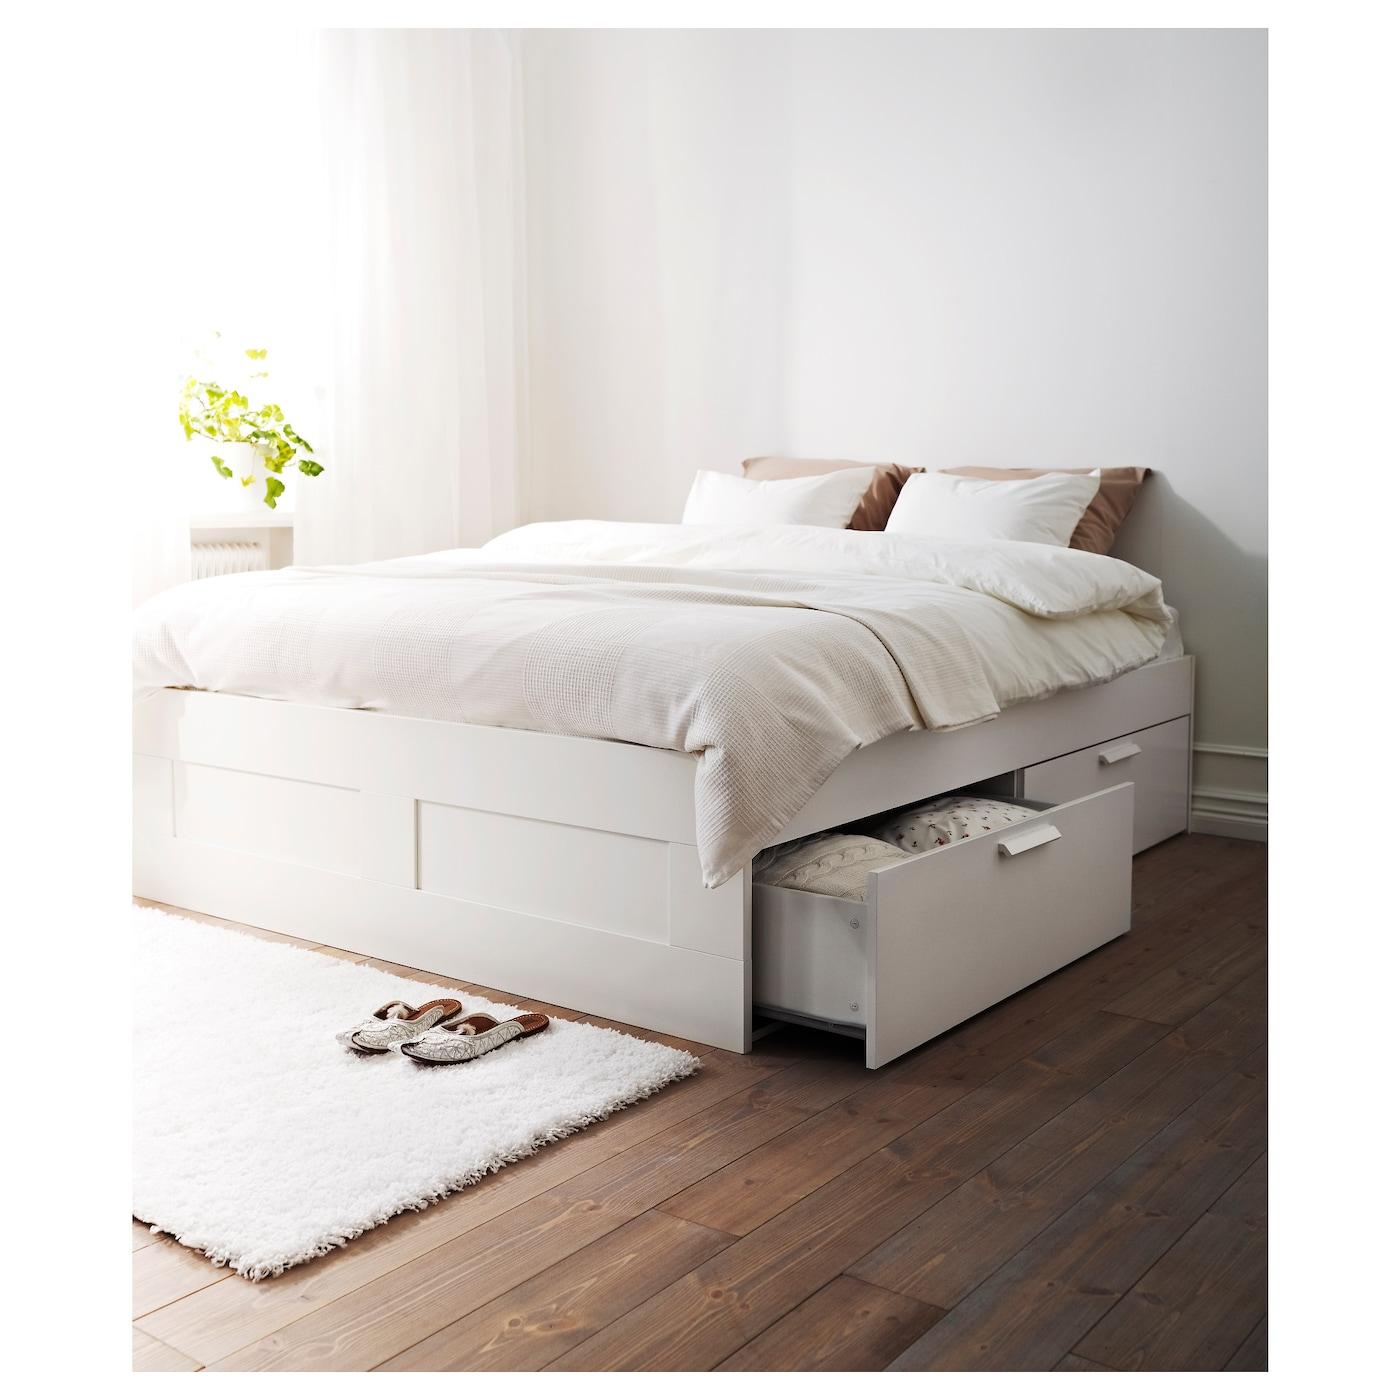 Goede BRIMNES Bedframe met opberglades - 140x200 cm, Lönset, wit - IKEA AR-41